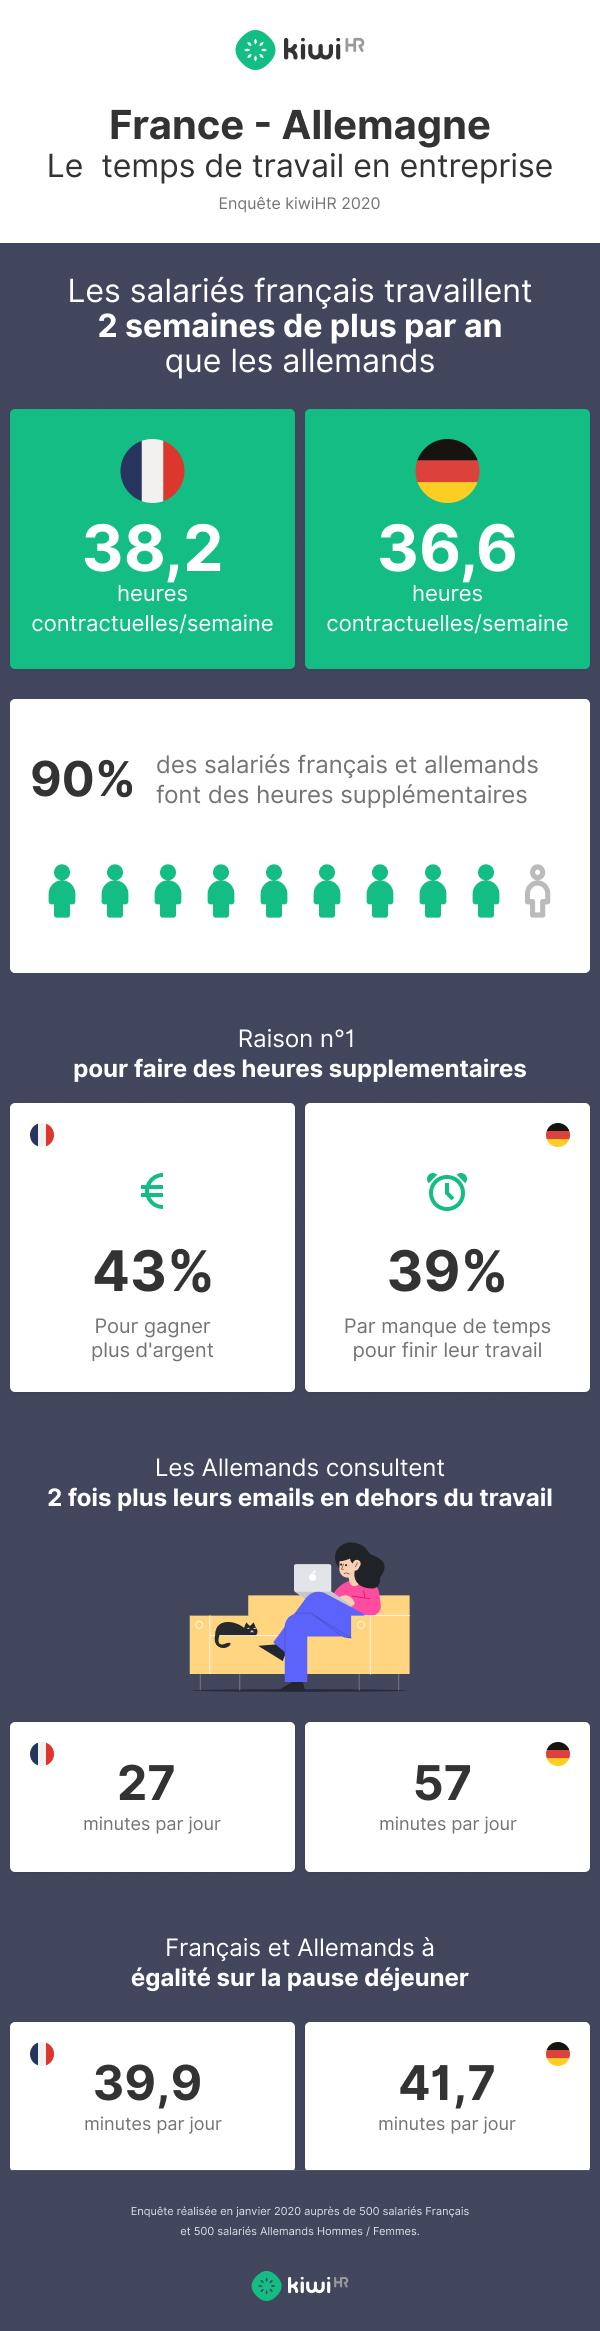 France vs. Allemagne quel collaborateur travaille le plus